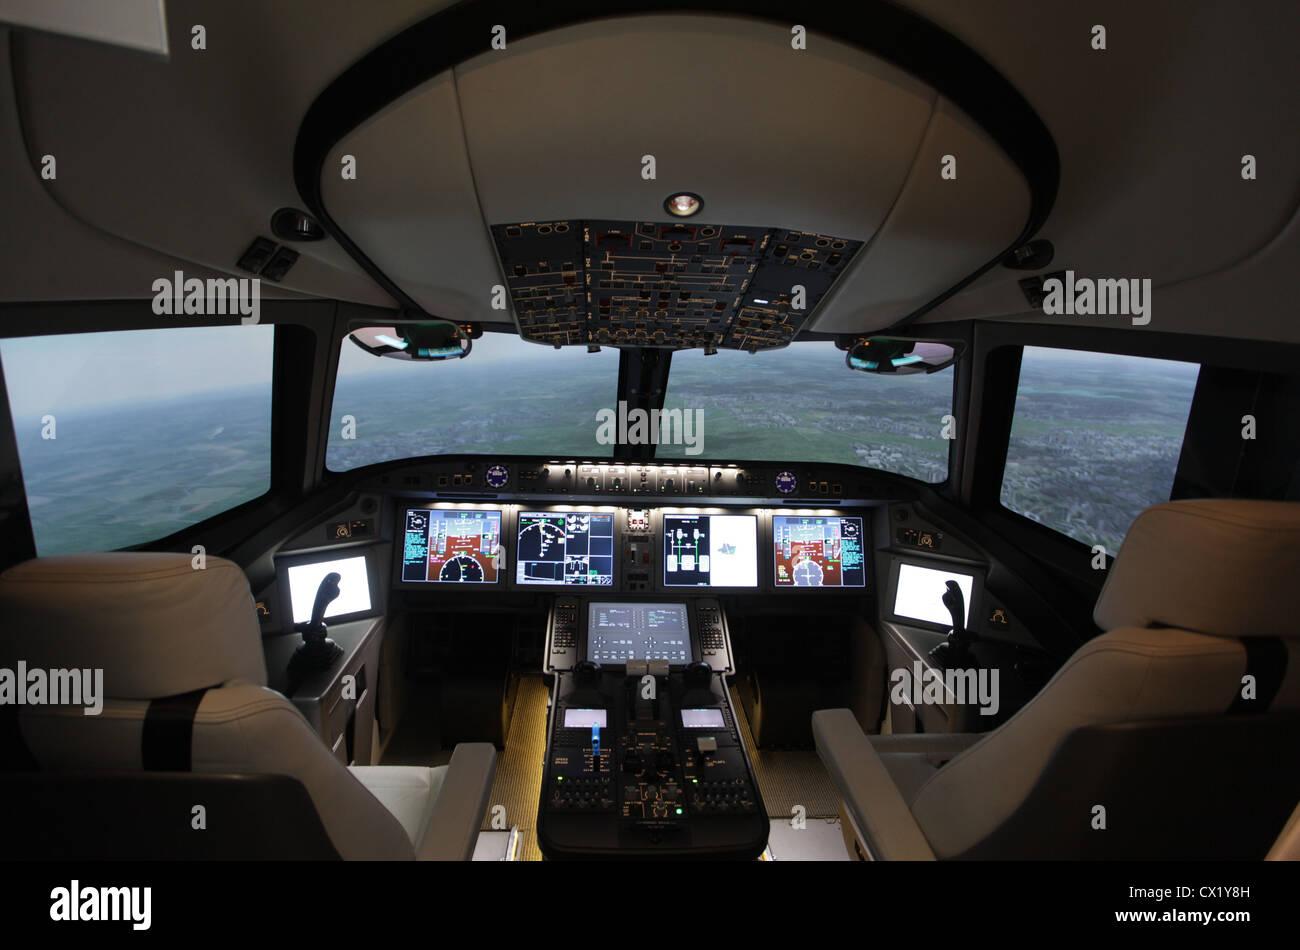 L'agence ITAR-TASS: PARIS, FRANCE. Le 20 juin 2011. Pilotage d'Irkut Corporation du MS-21 famille avions exposés Banque D'Images